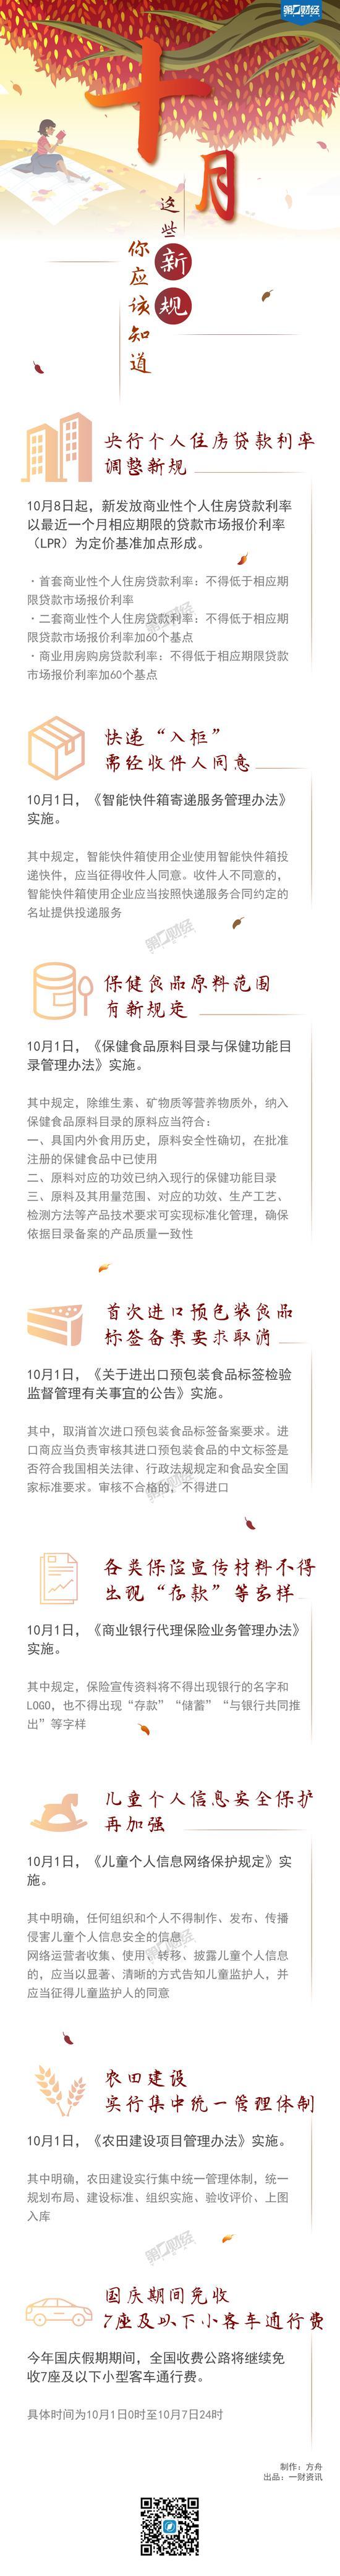 北京年底出垃圾分类新指导手册 易错问题重点提示